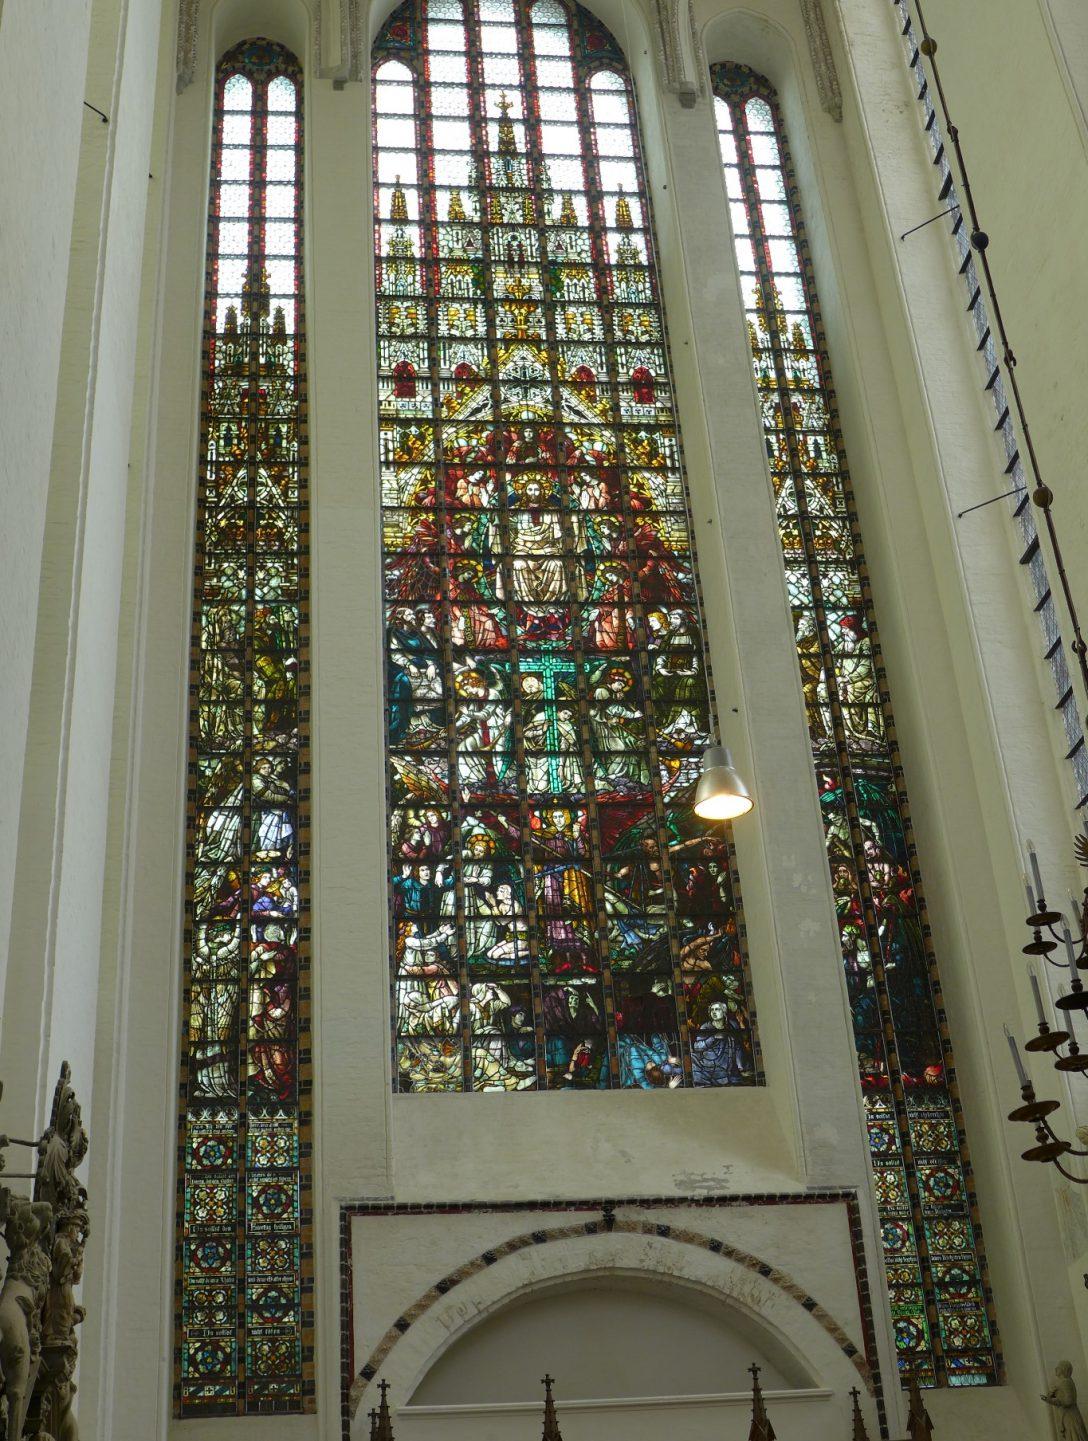 Large Size of Fenster Rostock Kirchbaude Datenblatt Einzelne Kirche Teleskopstange Sonnenschutz Für Bodentief Schüco Kaufen Runde Sichern Gegen Einbruch Veka De Fenster Fenster Rostock